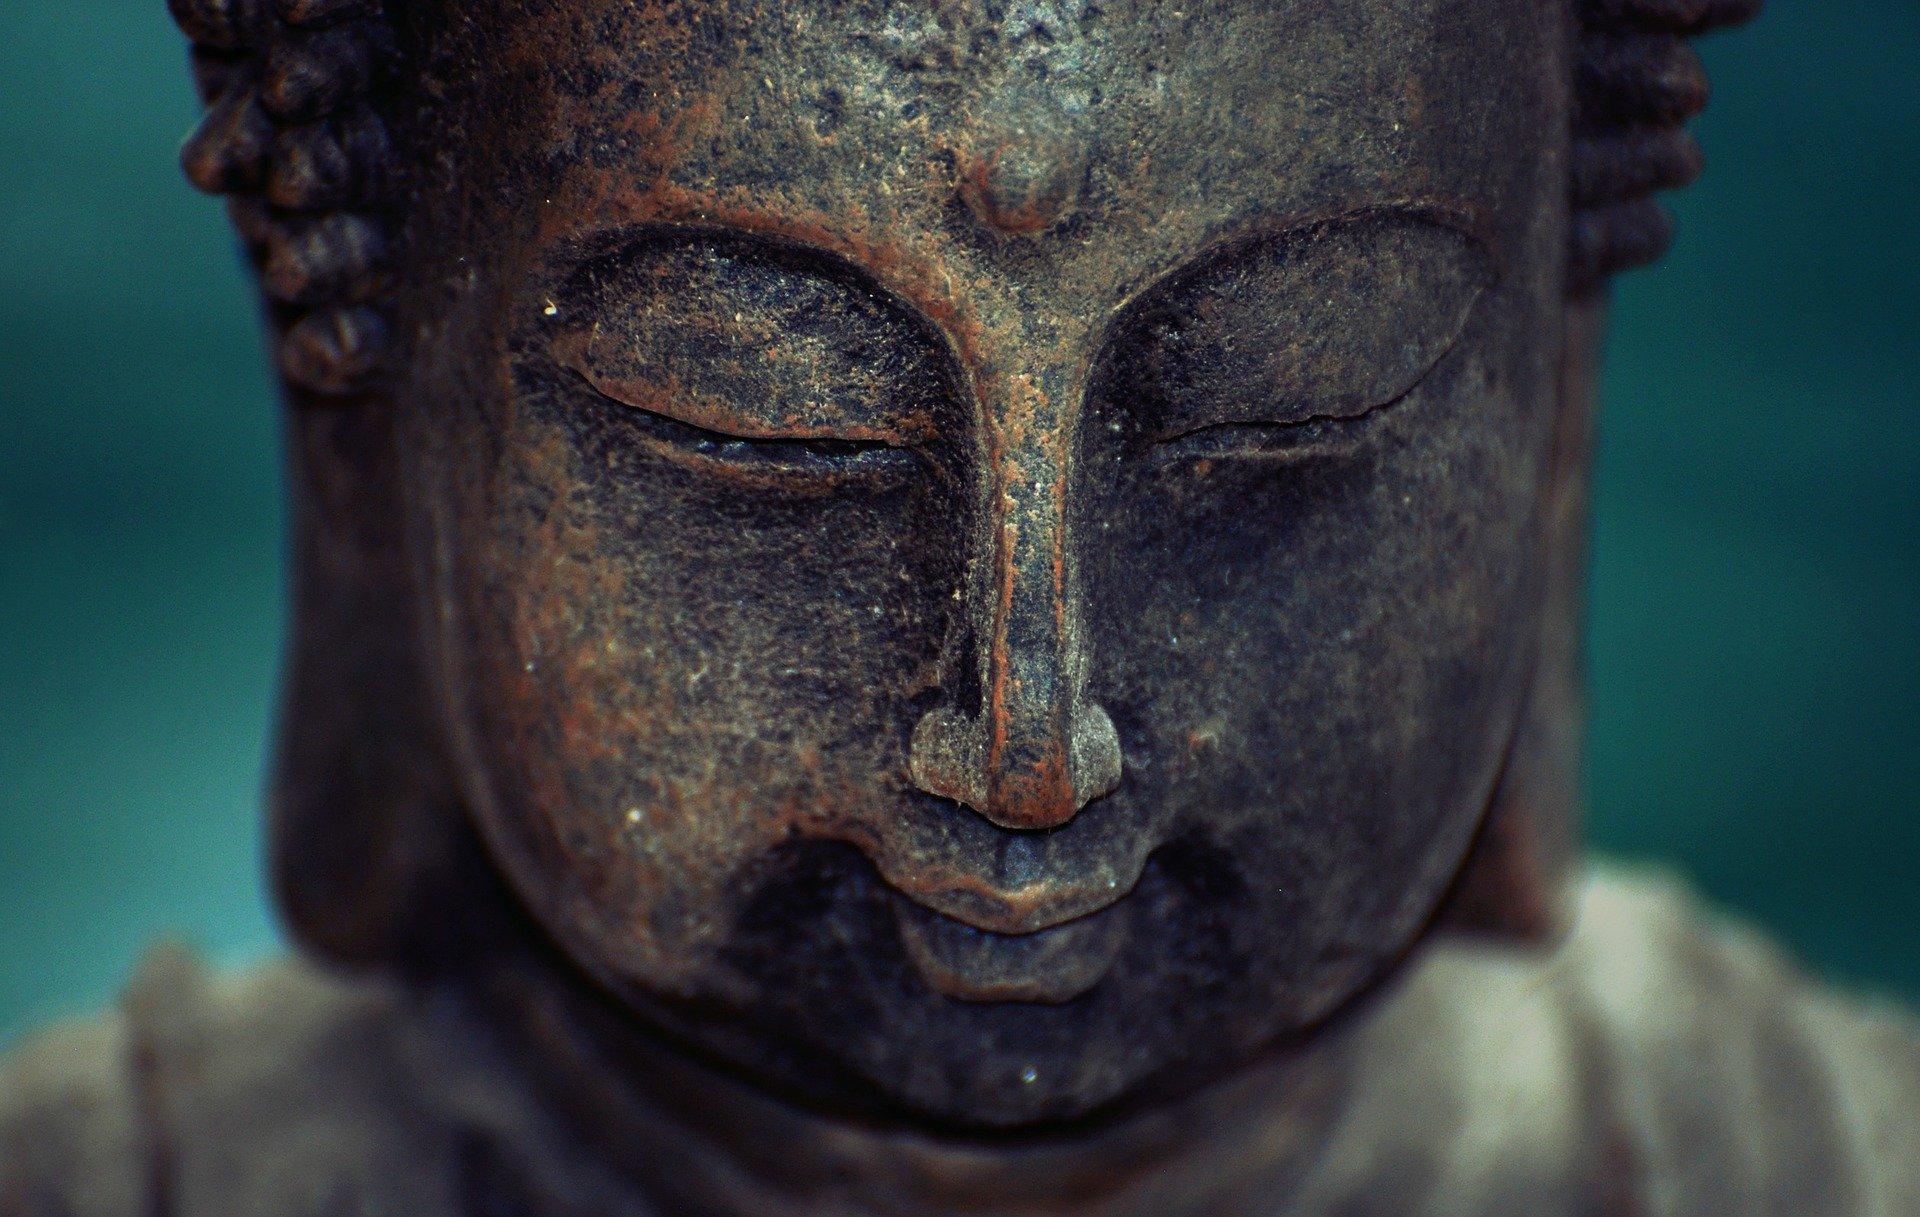 Zen copper statue